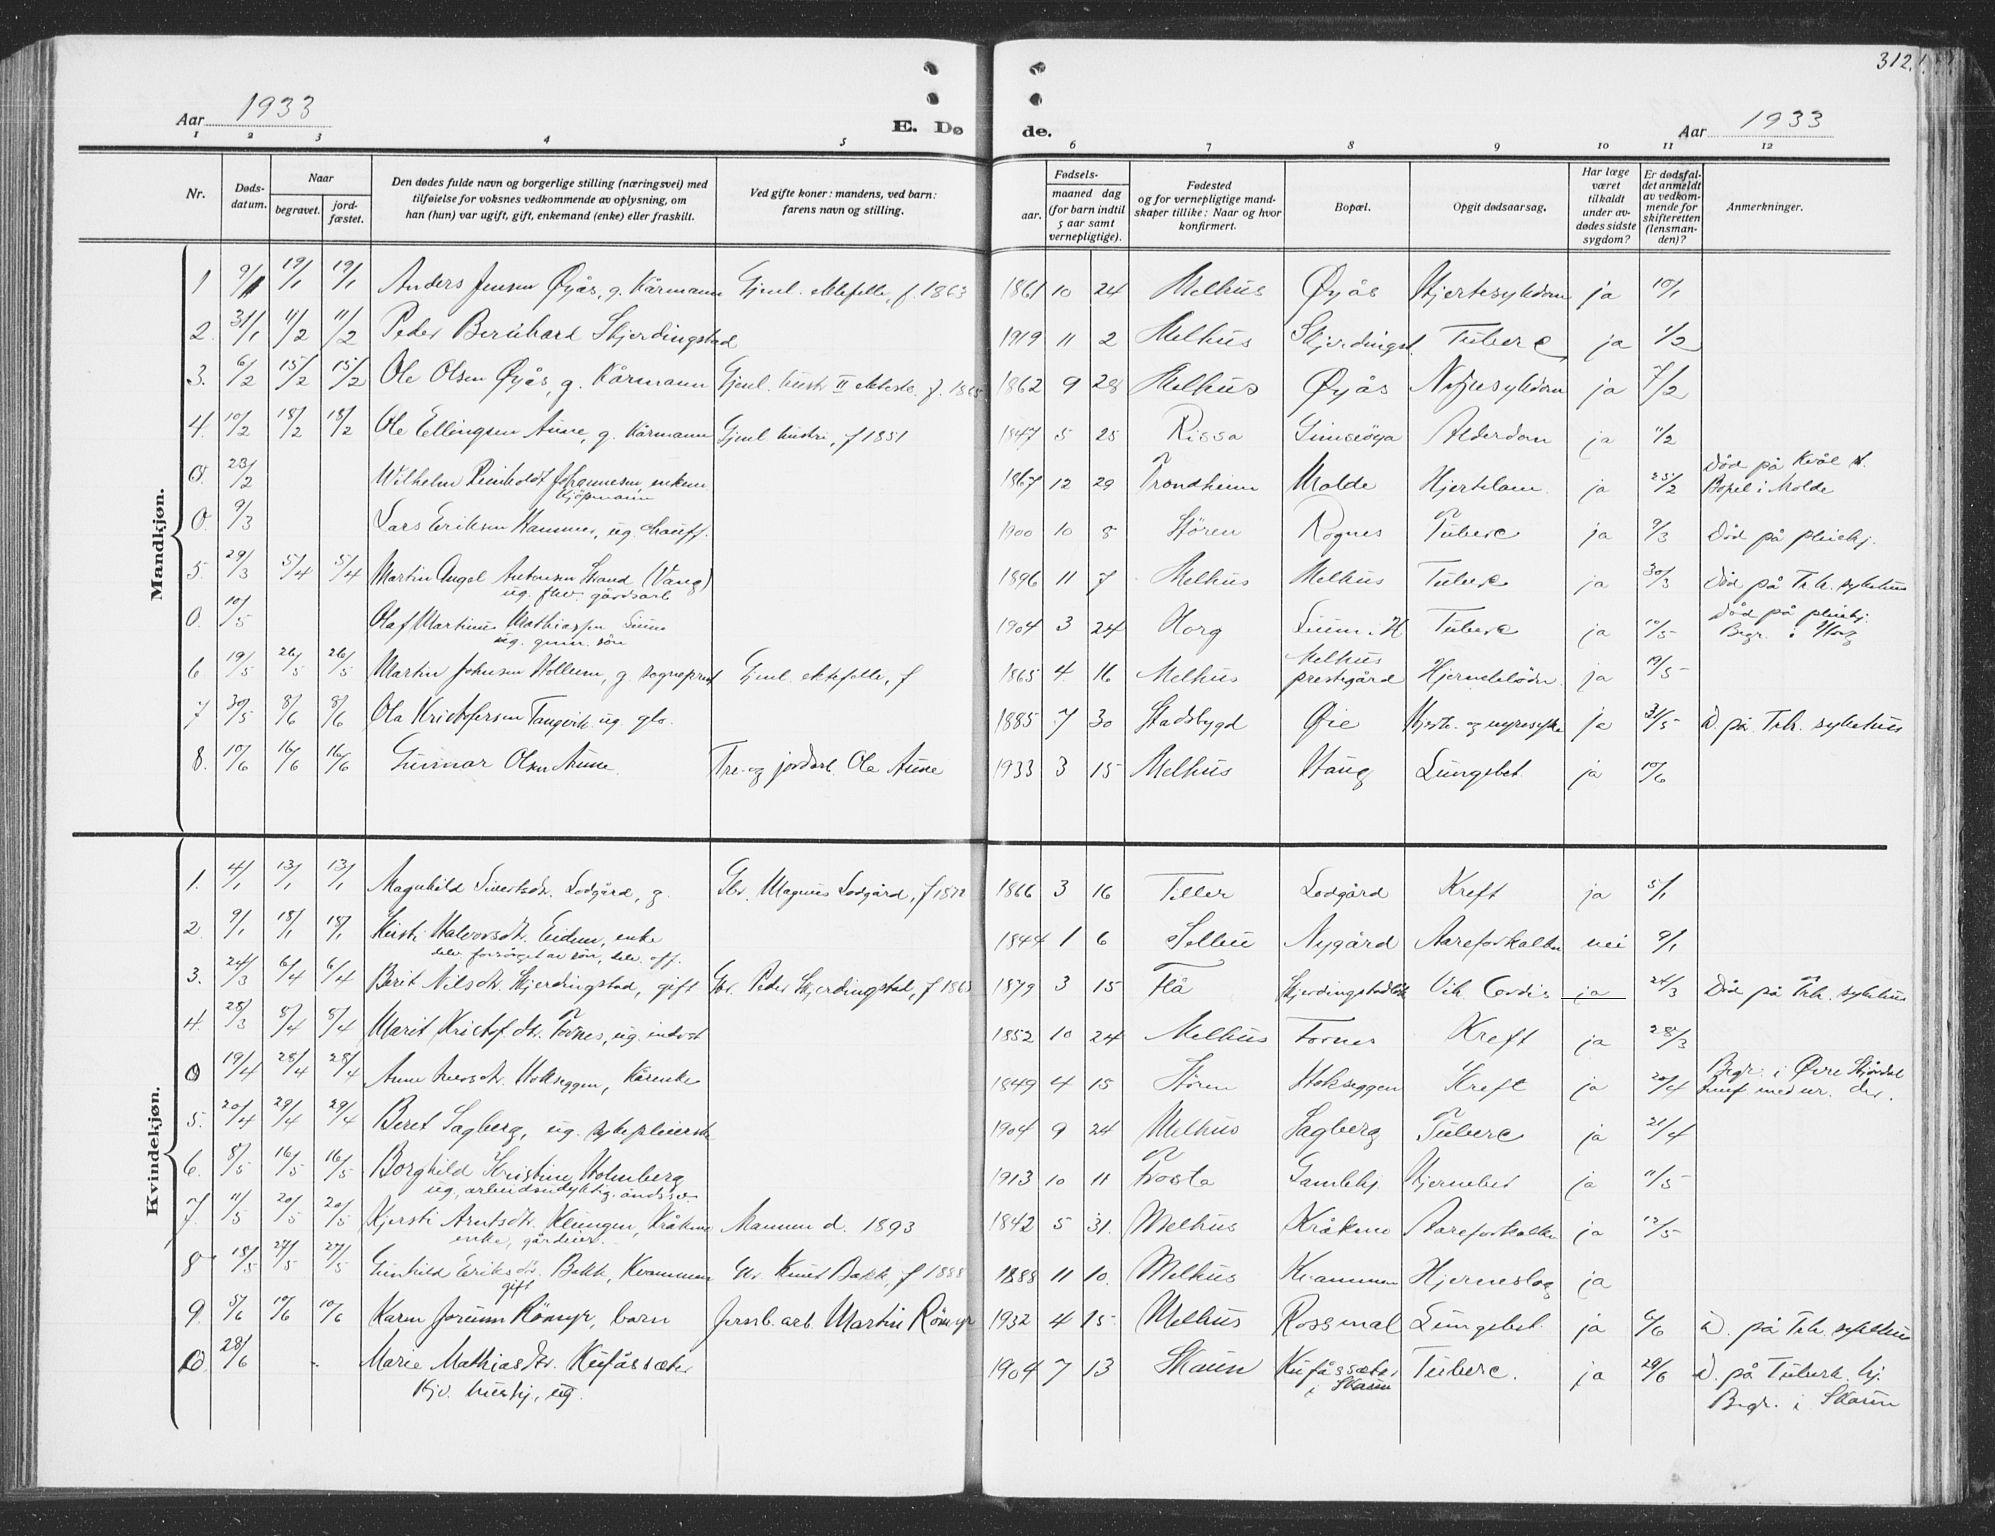 SAT, Ministerialprotokoller, klokkerbøker og fødselsregistre - Sør-Trøndelag, 691/L1095: Klokkerbok nr. 691C06, 1912-1933, s. 312